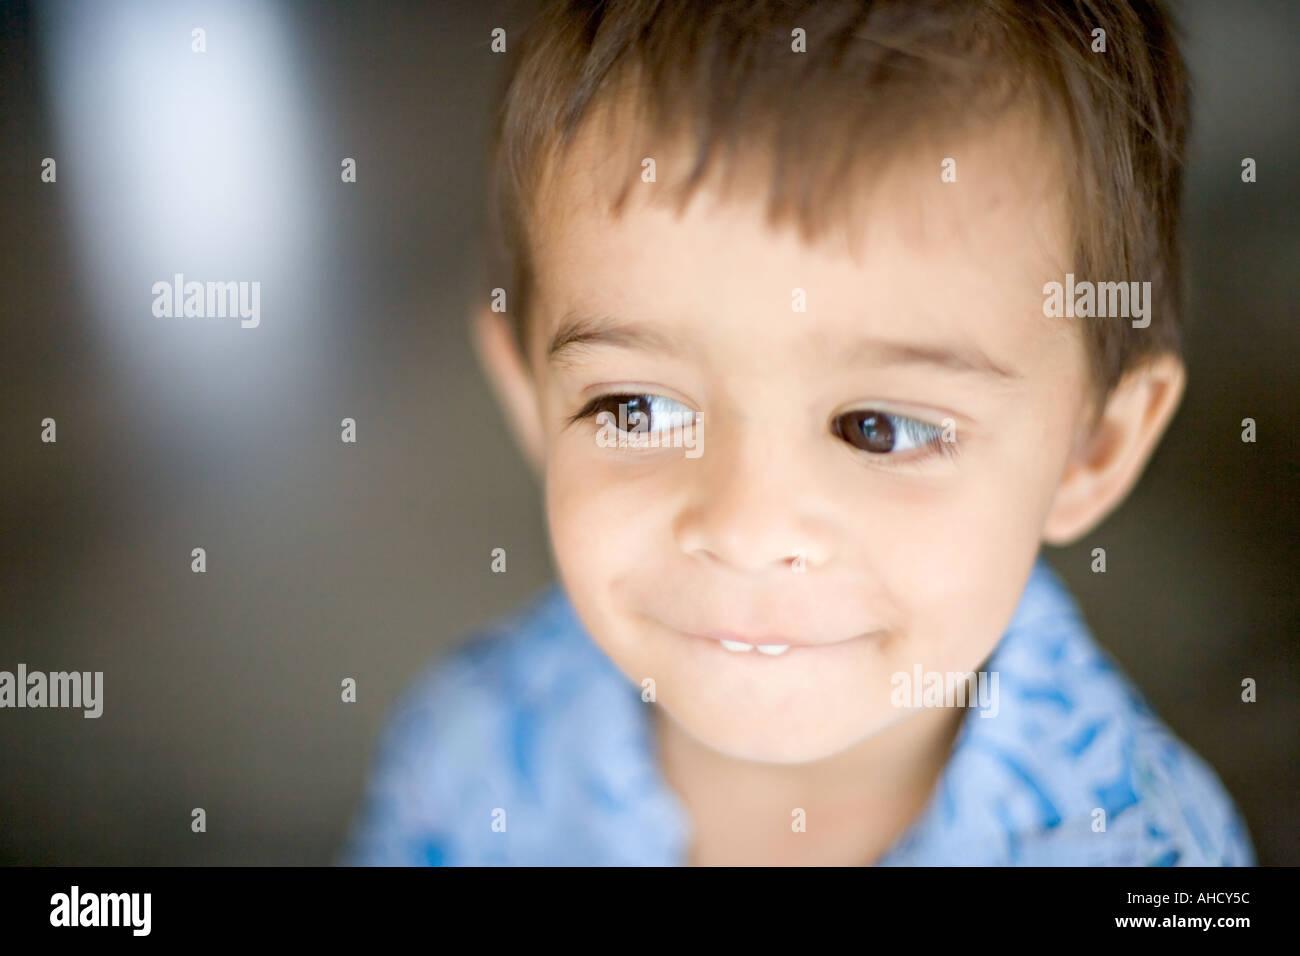 Kamera schaut auf einen niedlichen kleinen Jungen mit braunen Haaren und einem frechen Lächeln Stockbild